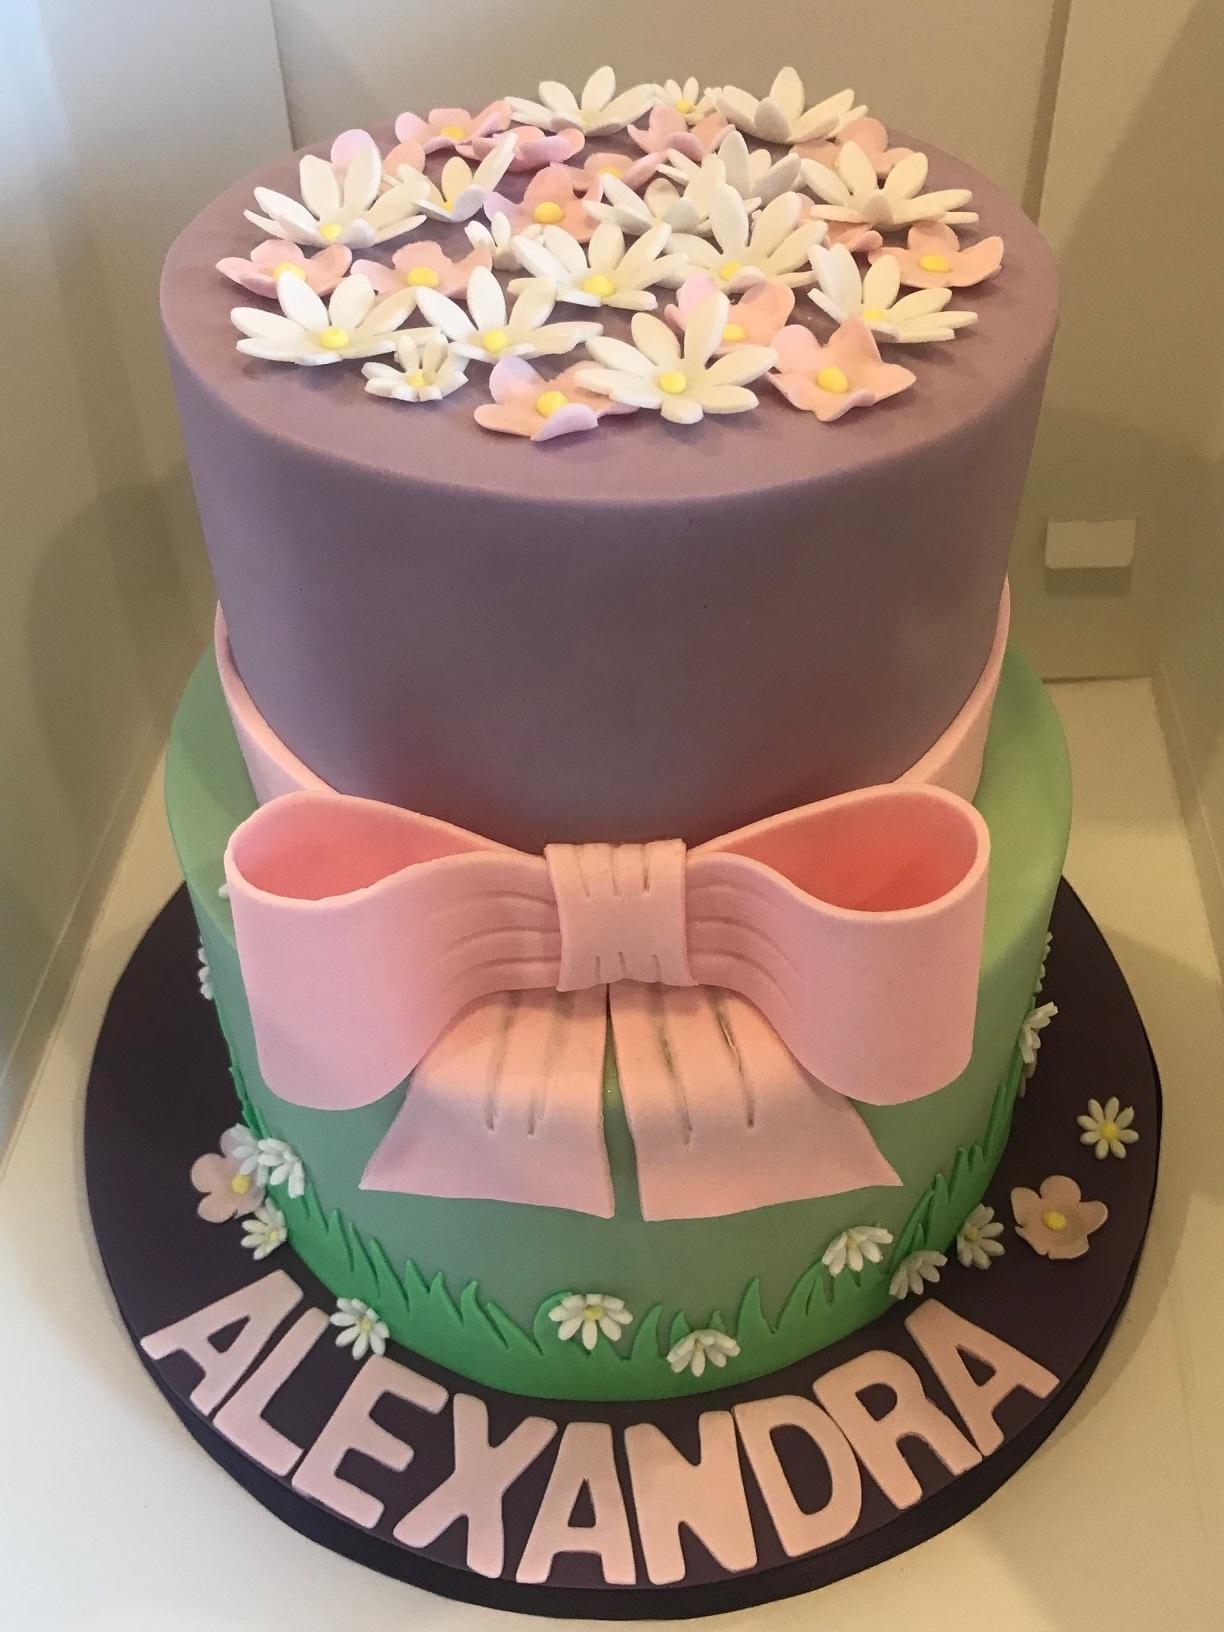 Birthday cake, Chepstow